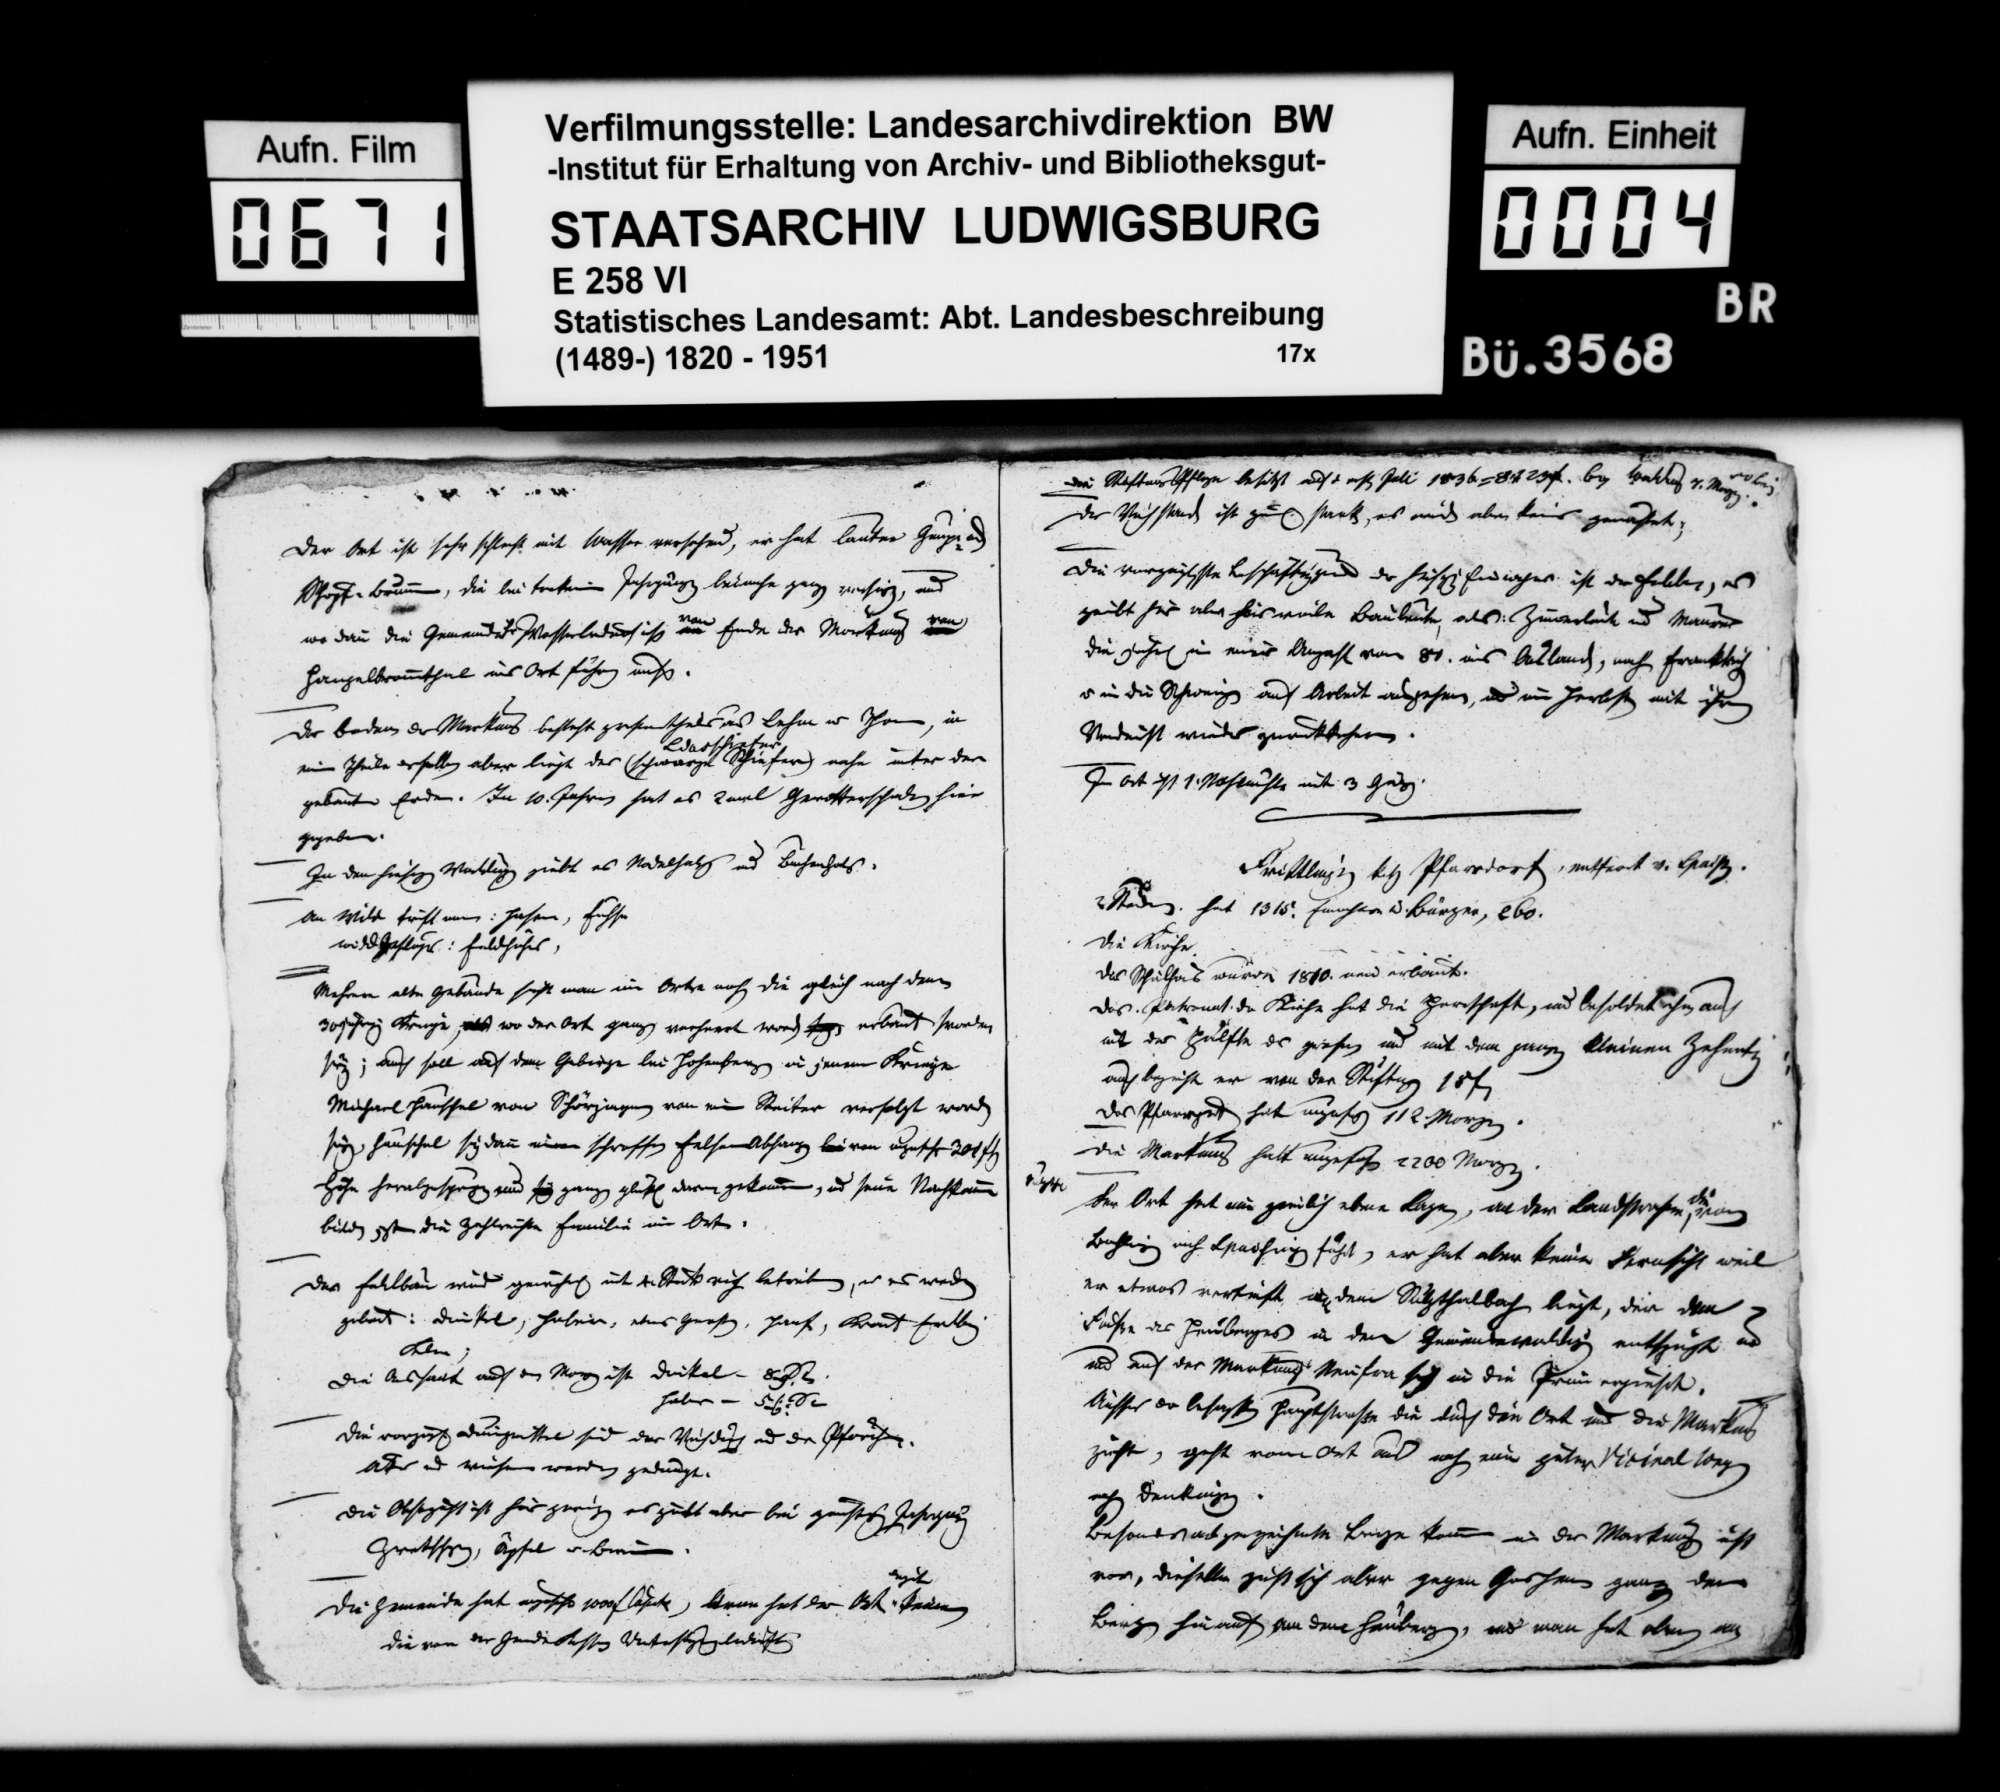 Topographisch-statistische, auch historiographische Notizen des Trigonometers Kohler zu Schörzingen, Frittlingen, Aixheim, Aldingen, Denkingen, Dürbheim, Balgheim und Spaichingen, Bild 3